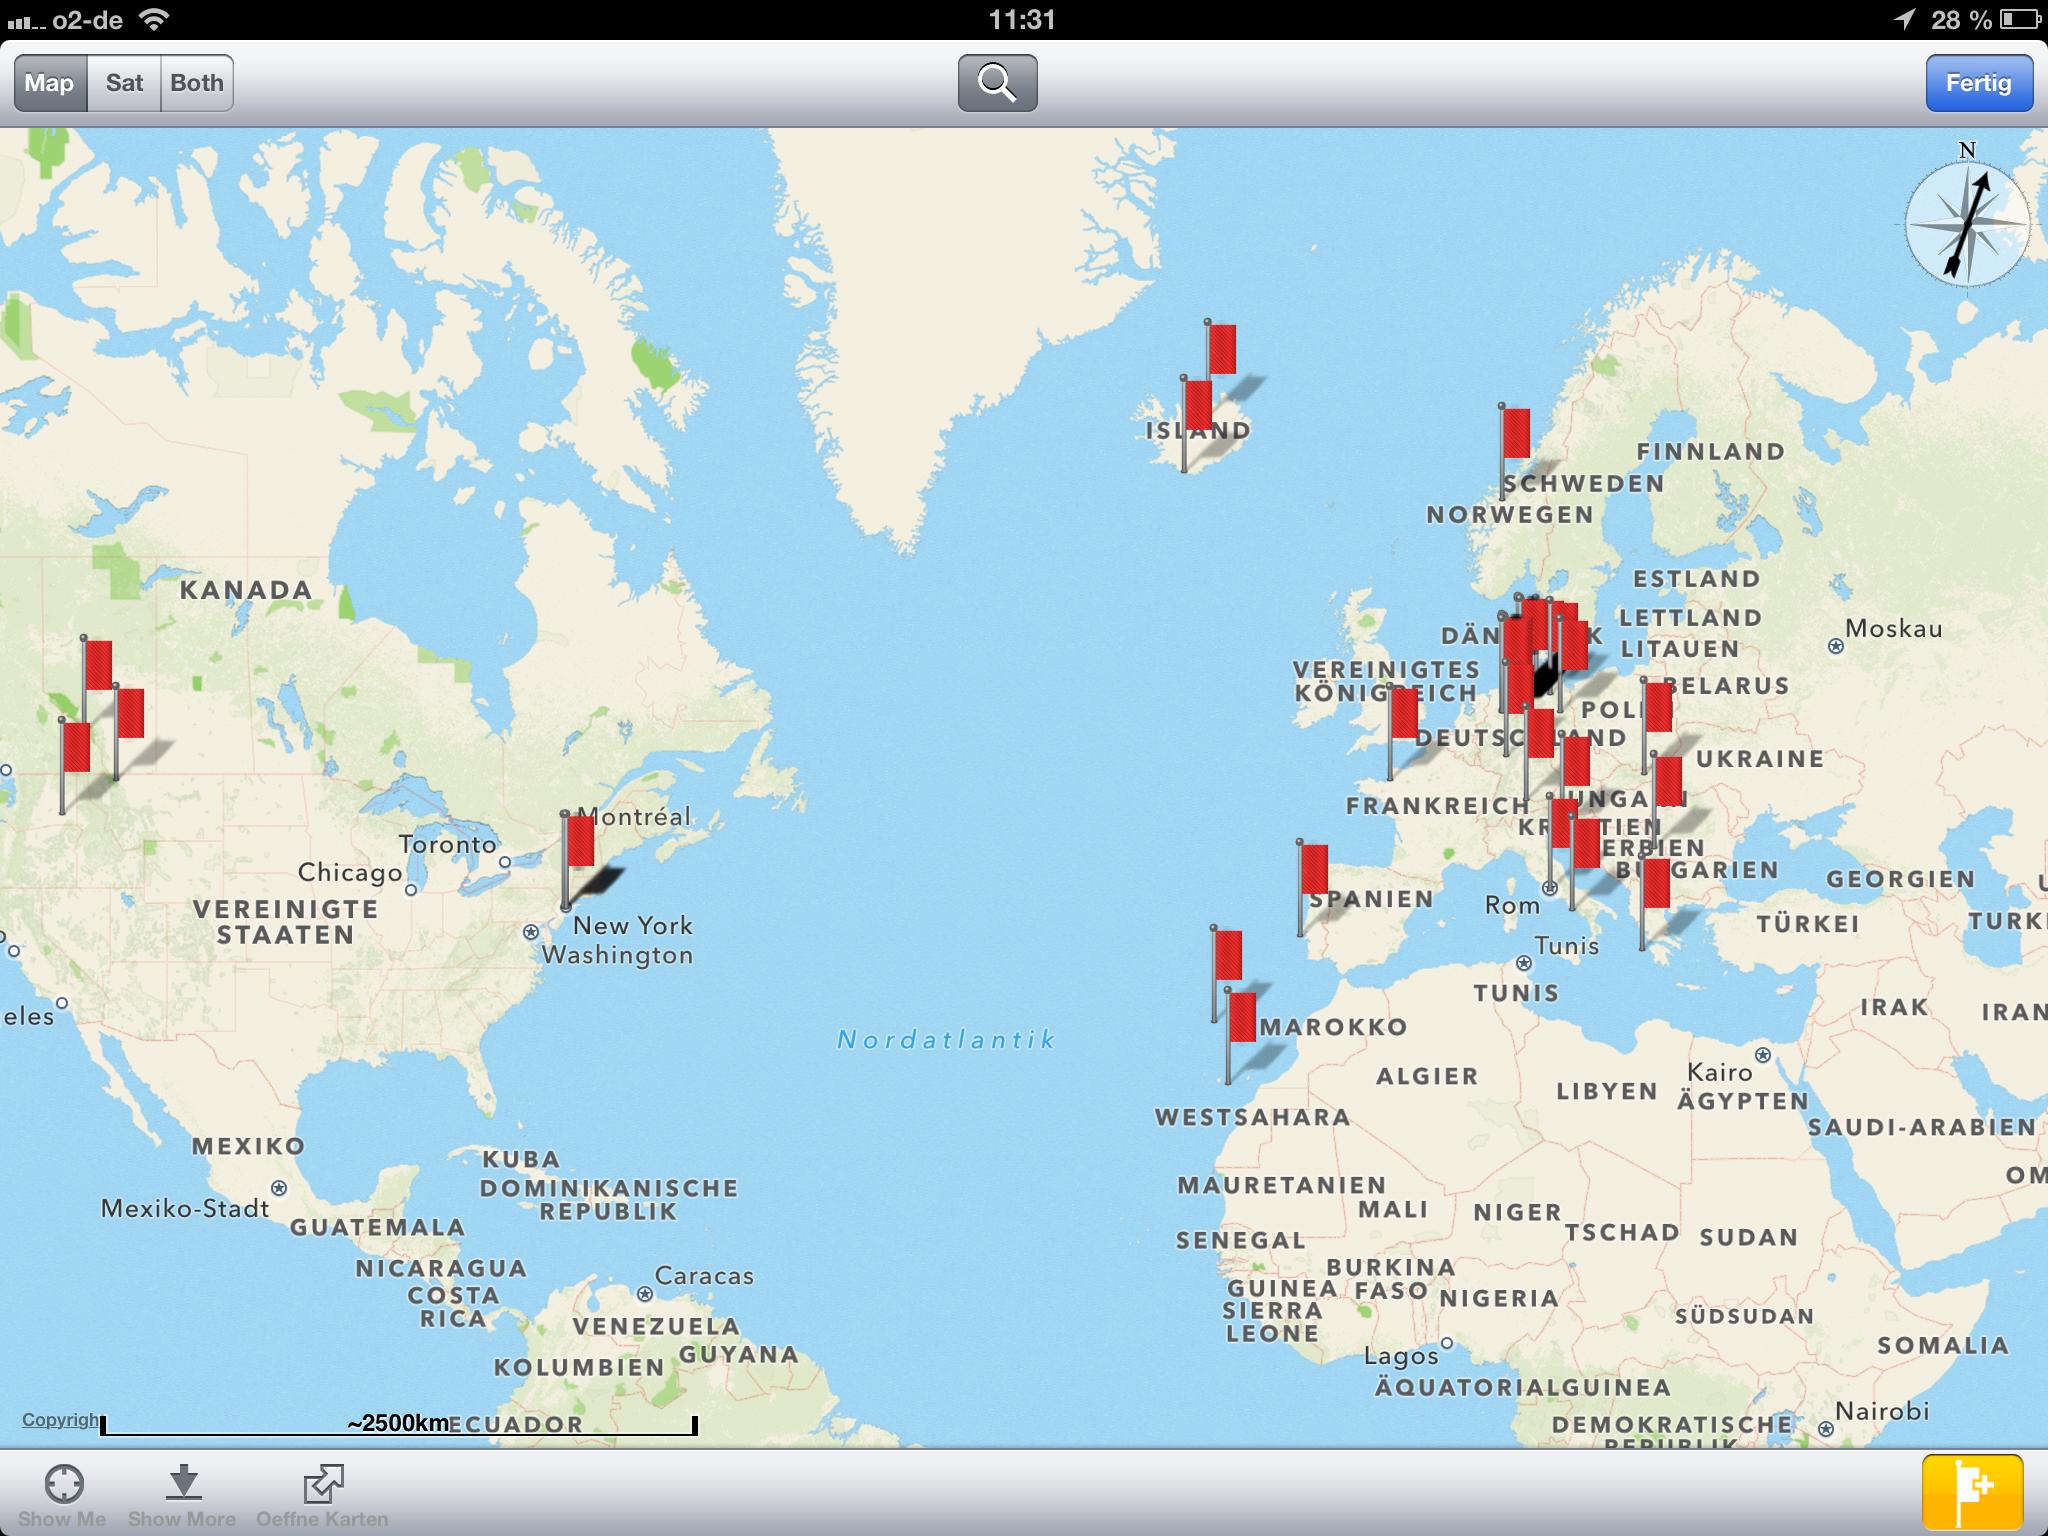 App für iPhone und iPad zum Speichern von Orten